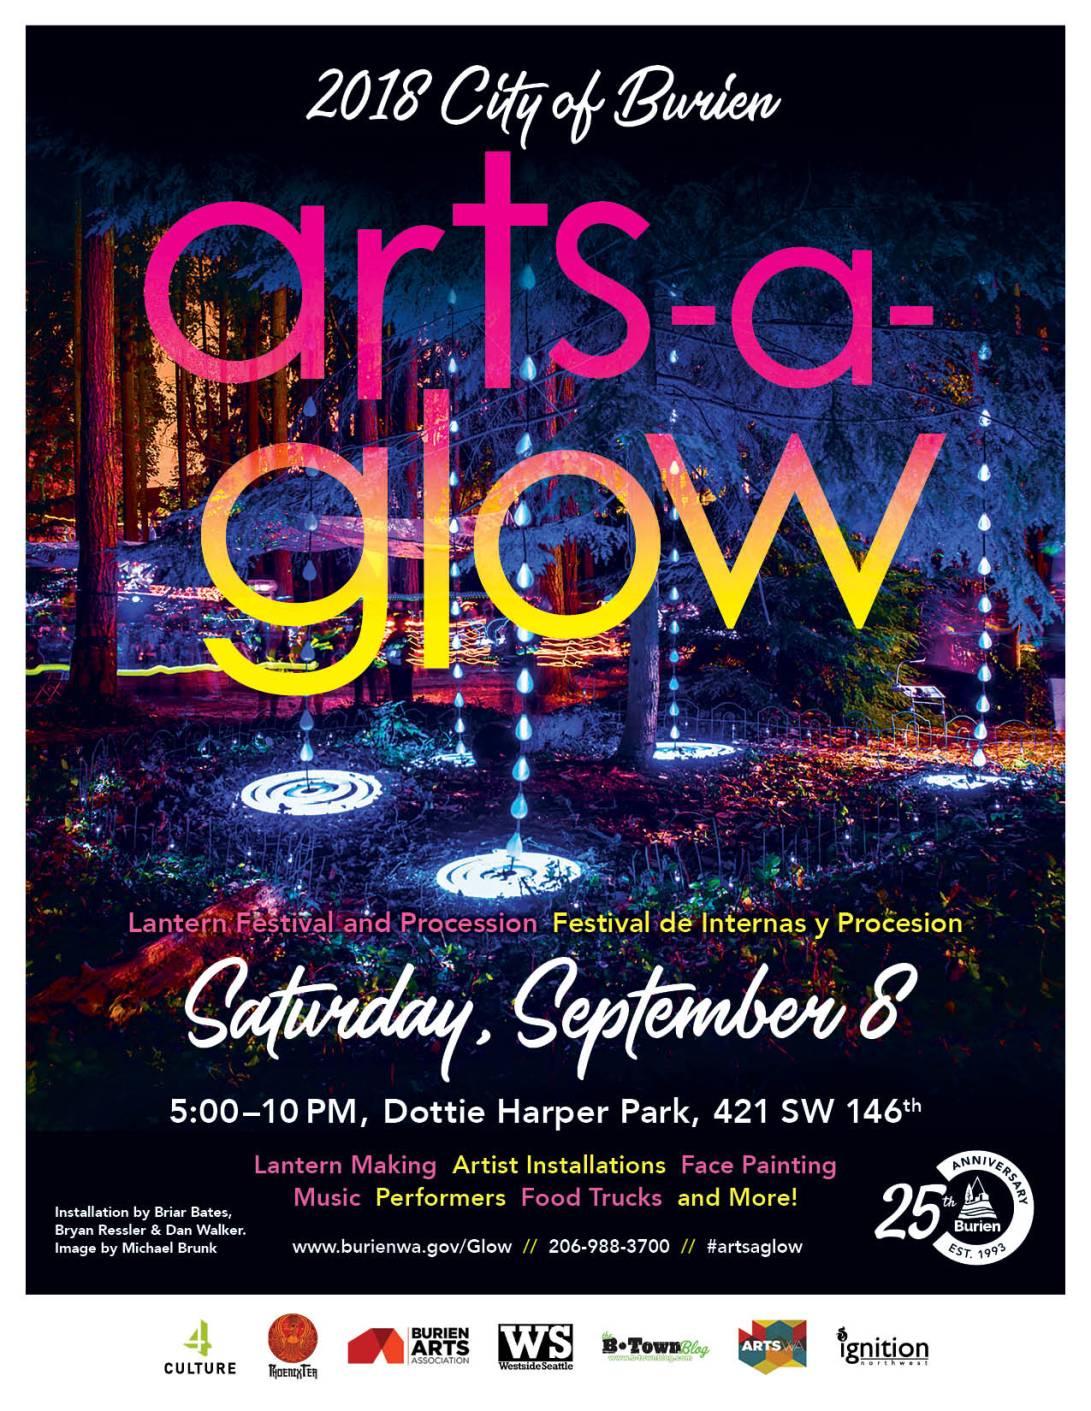 Arts a Glow 2018 Flyer